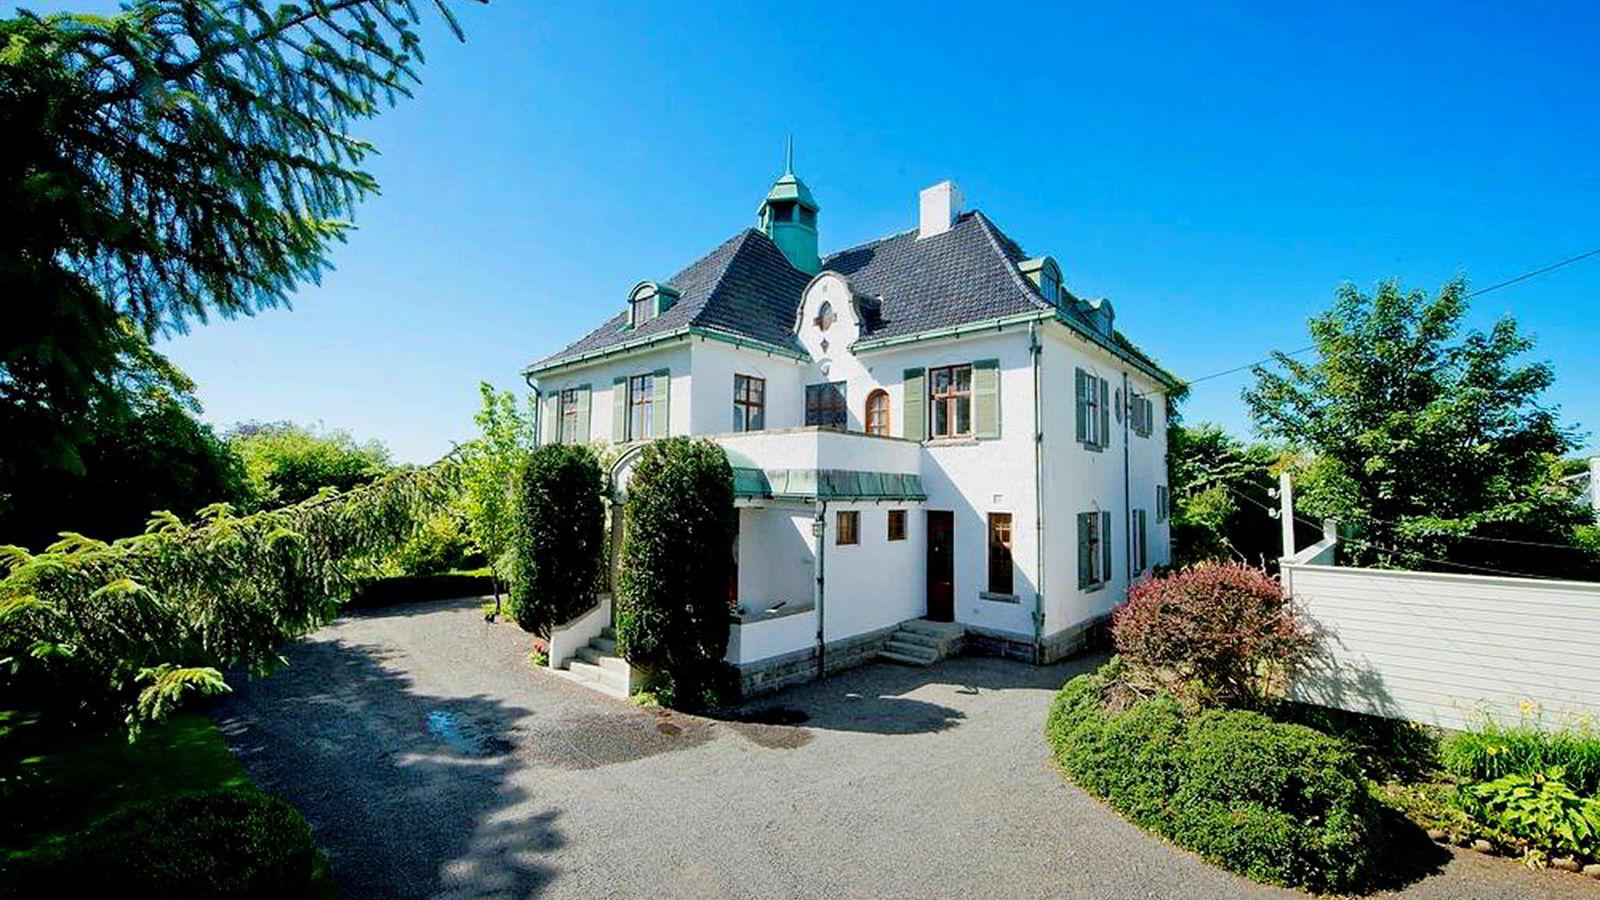 - Dette er et påkostet hus med masse detaljer. Det vil bli en fin plass for meg og barna, sier rederarving Cathrine Hermansen om villaen hun har kjøpt i Stavanger.